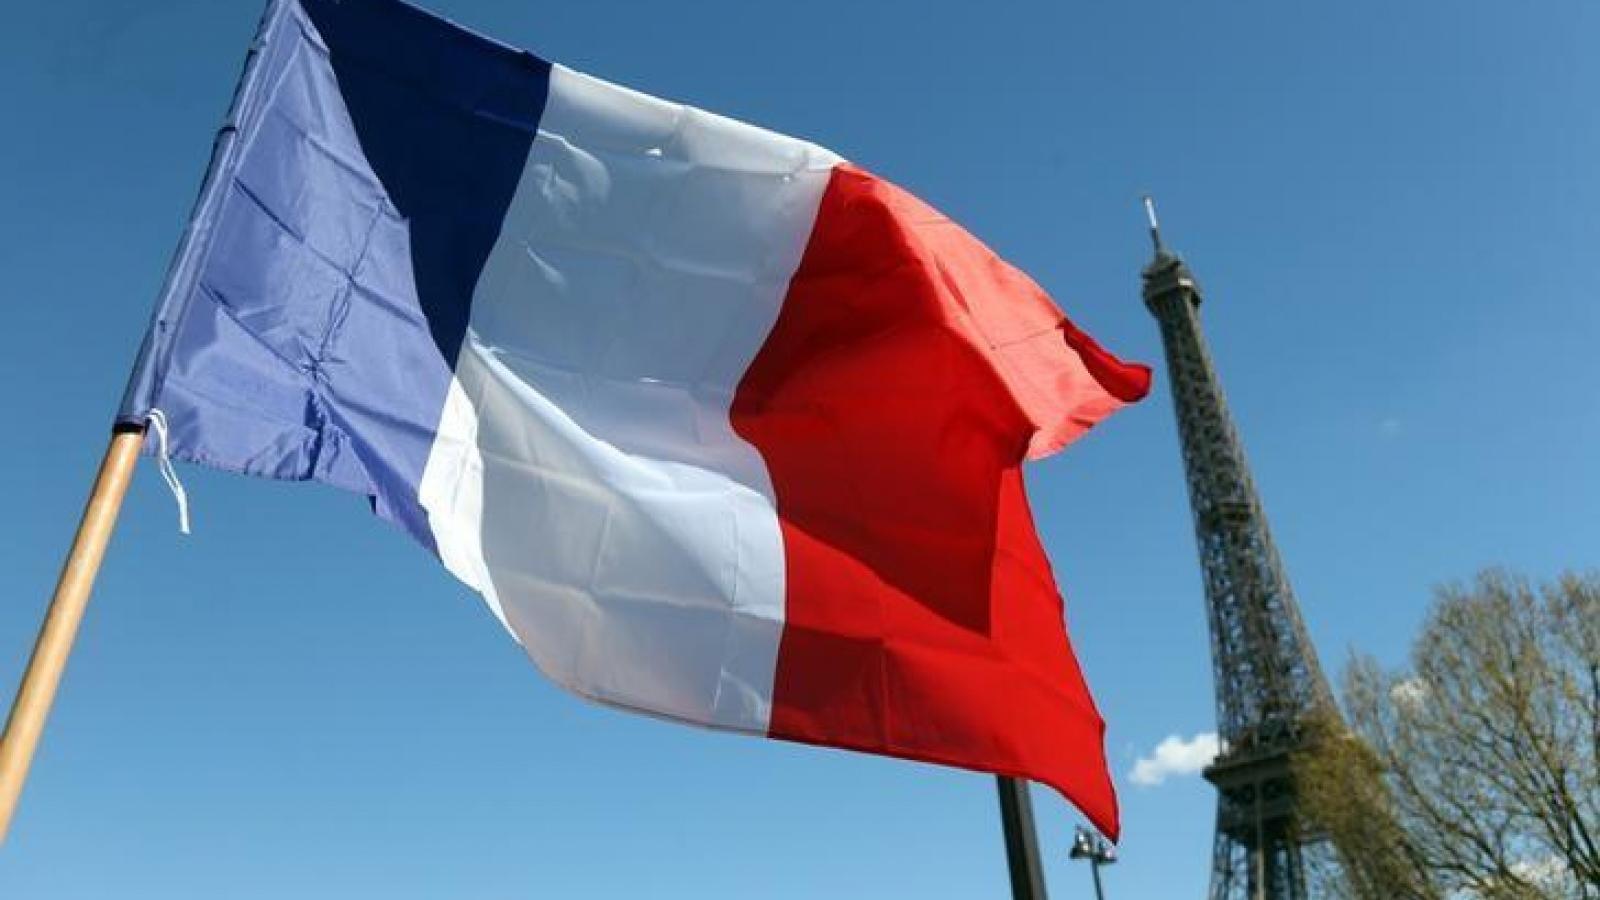 Pháp tưởng niệm tròn 5 năm xảy ra loạt vụ tấn công khủng bố kinh hoàng tại Paris